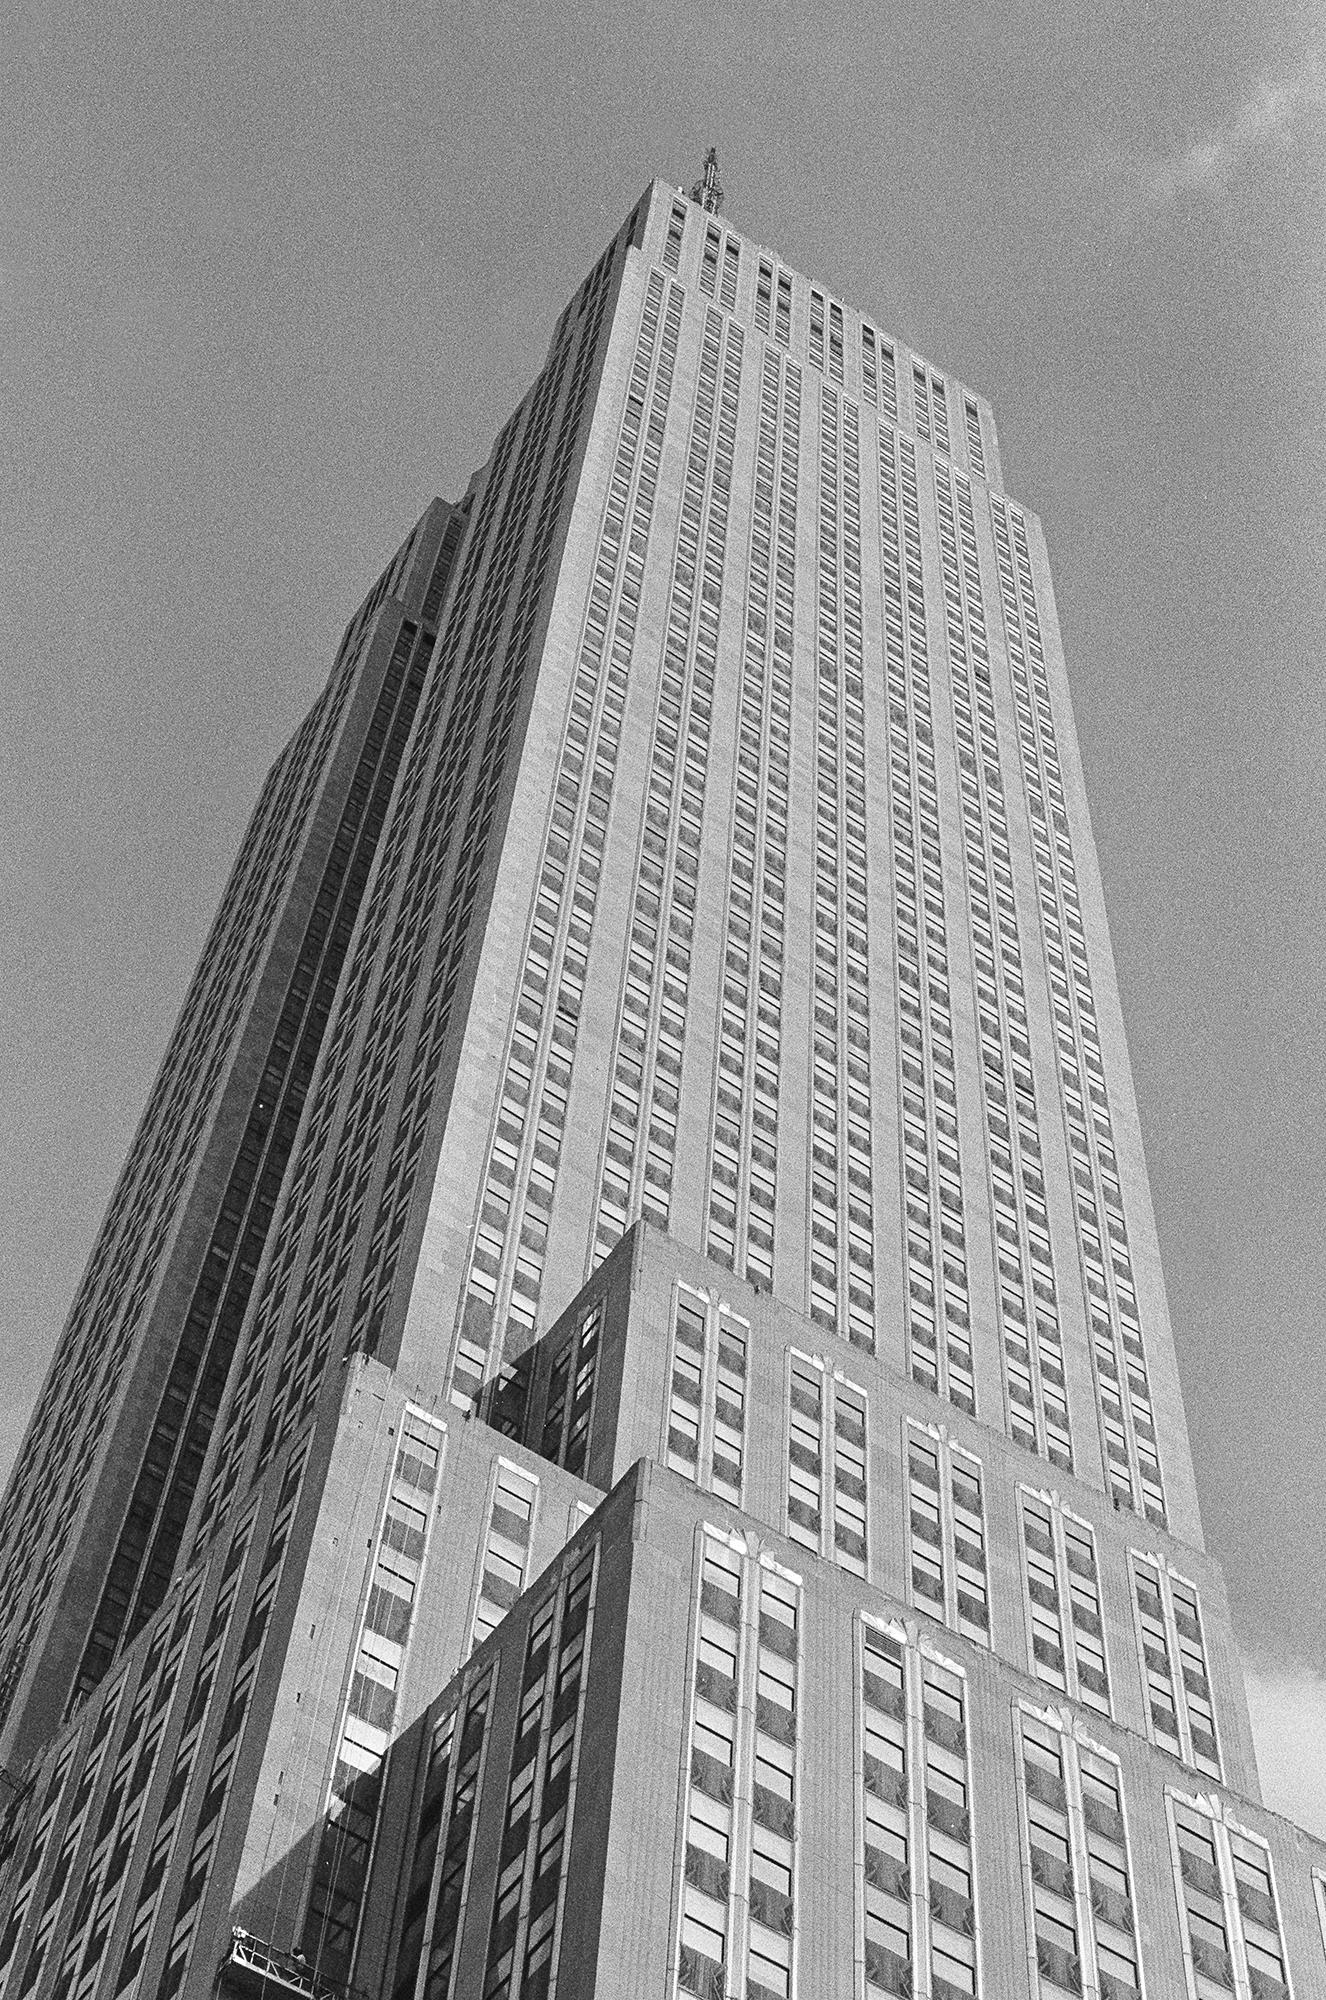 the classic art deco / Manhattan